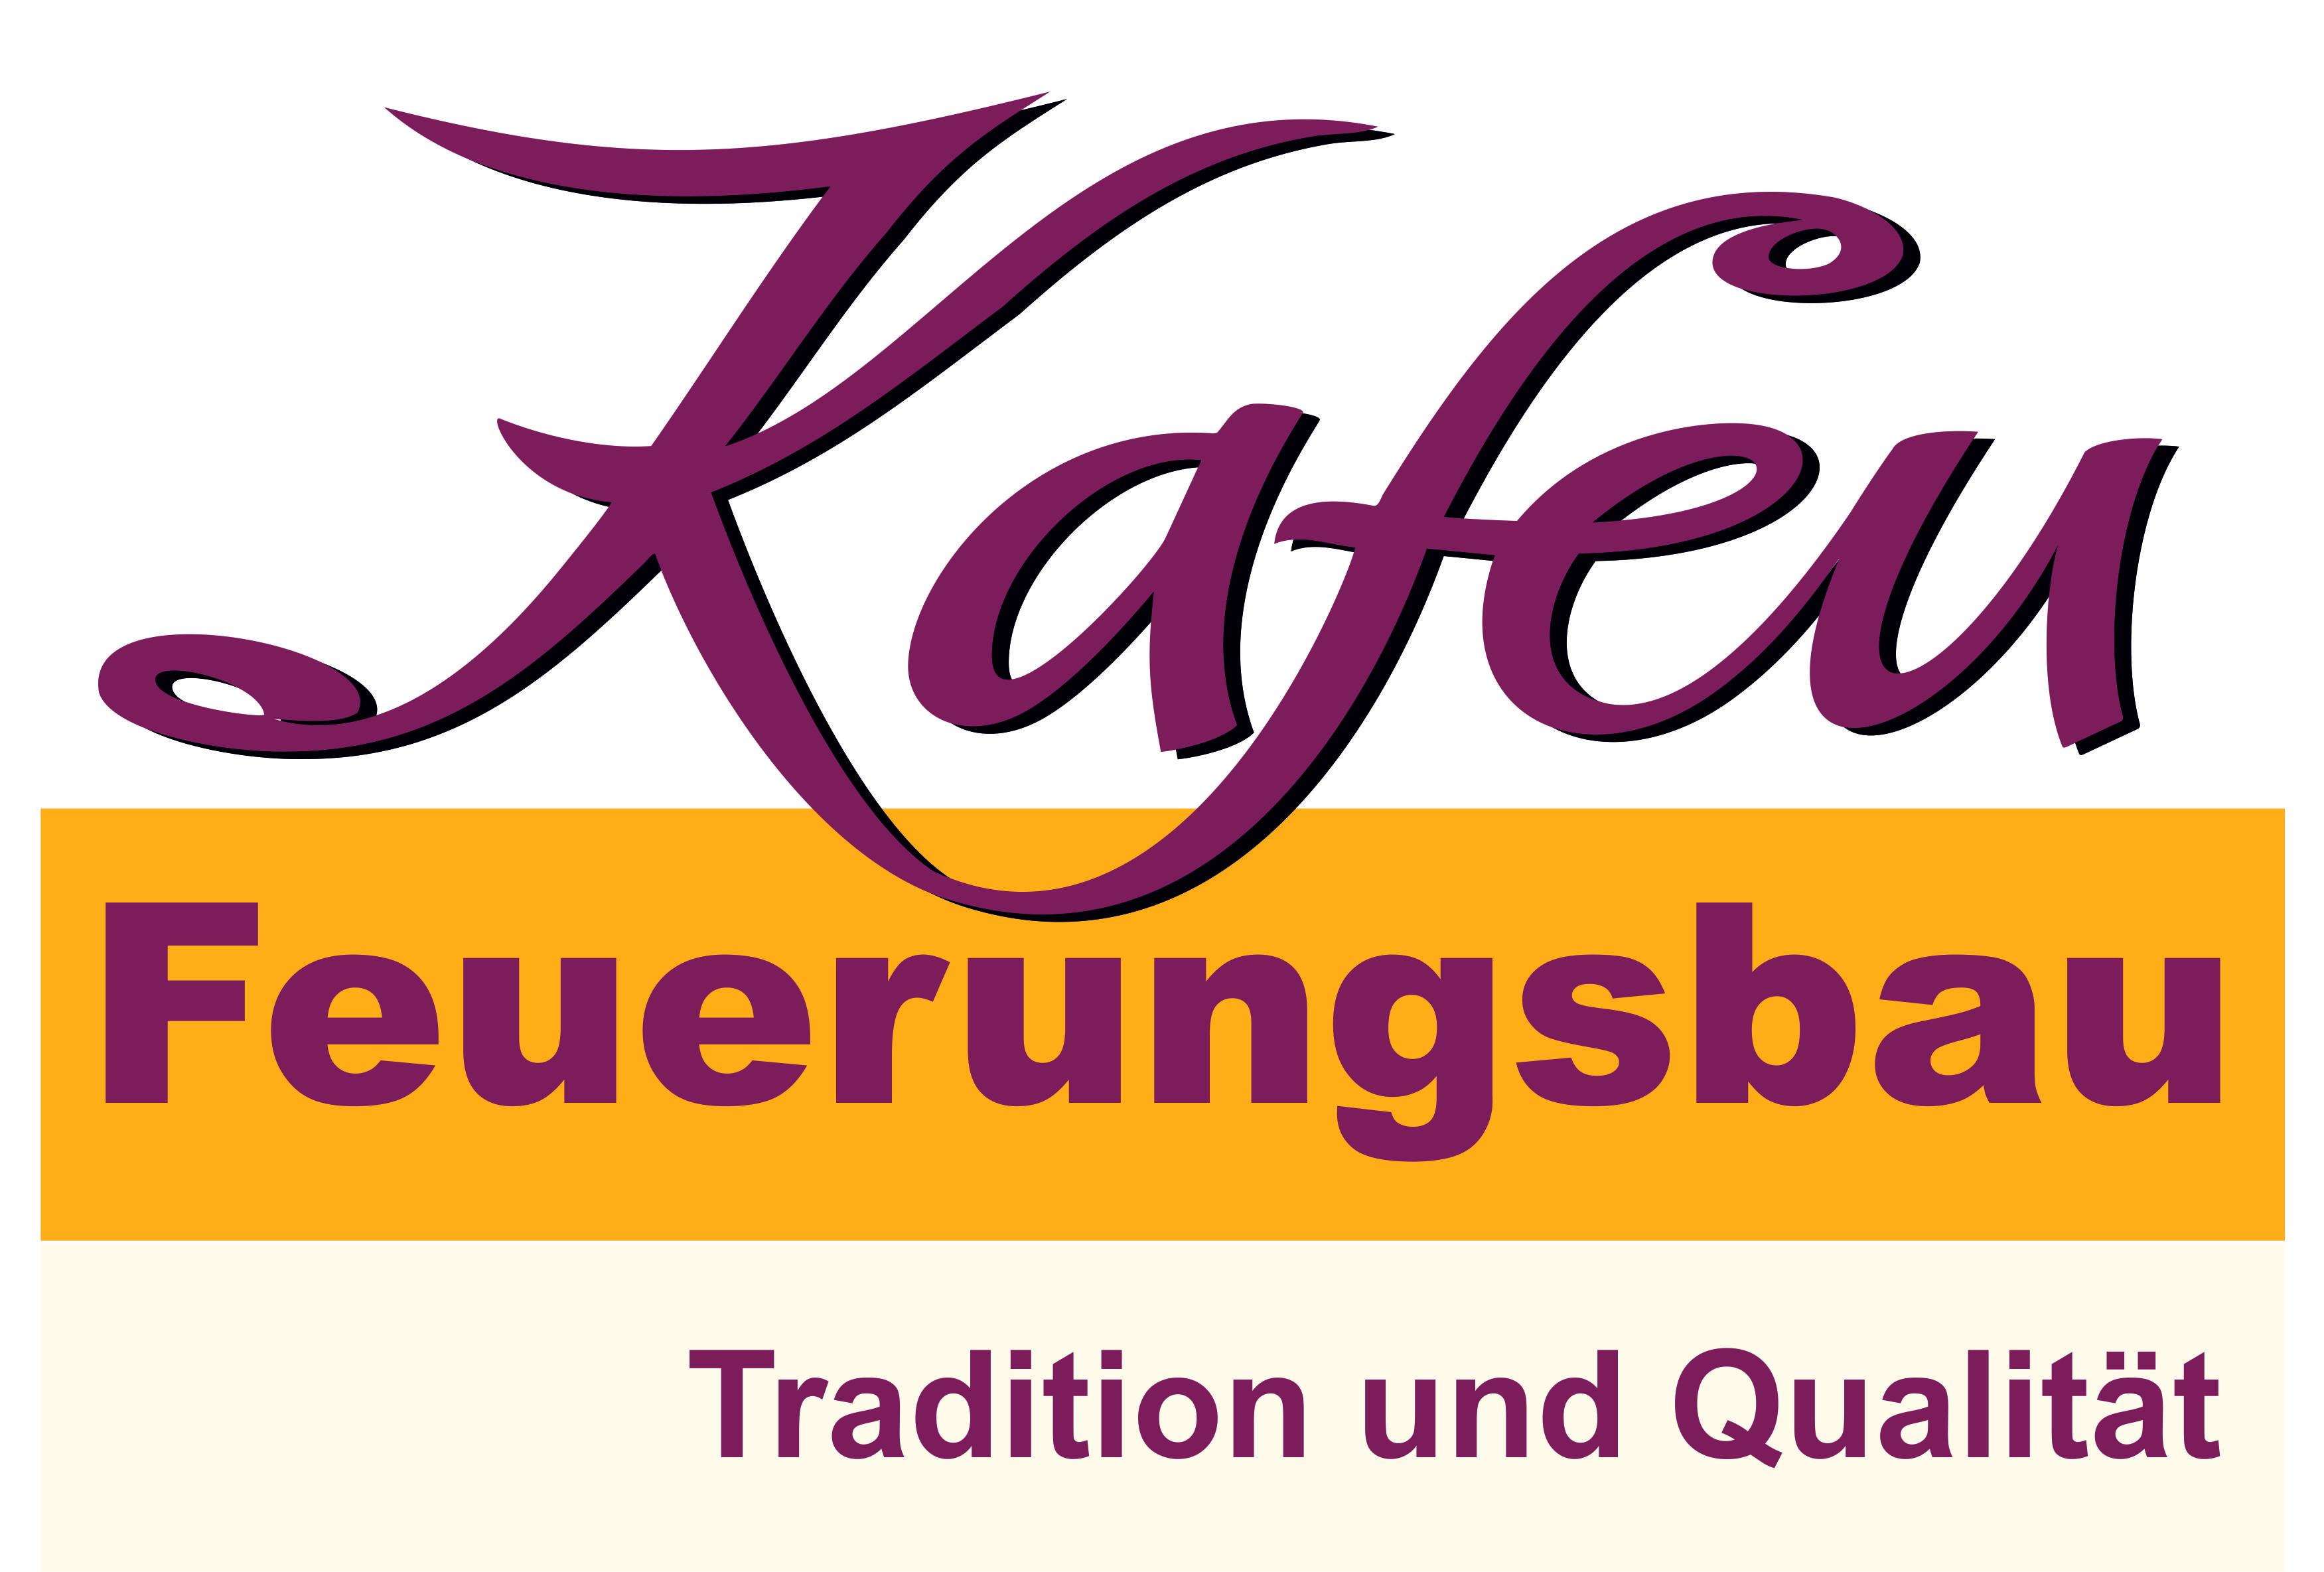 Kafeu Feuerungsbau GmbH & Co. KG